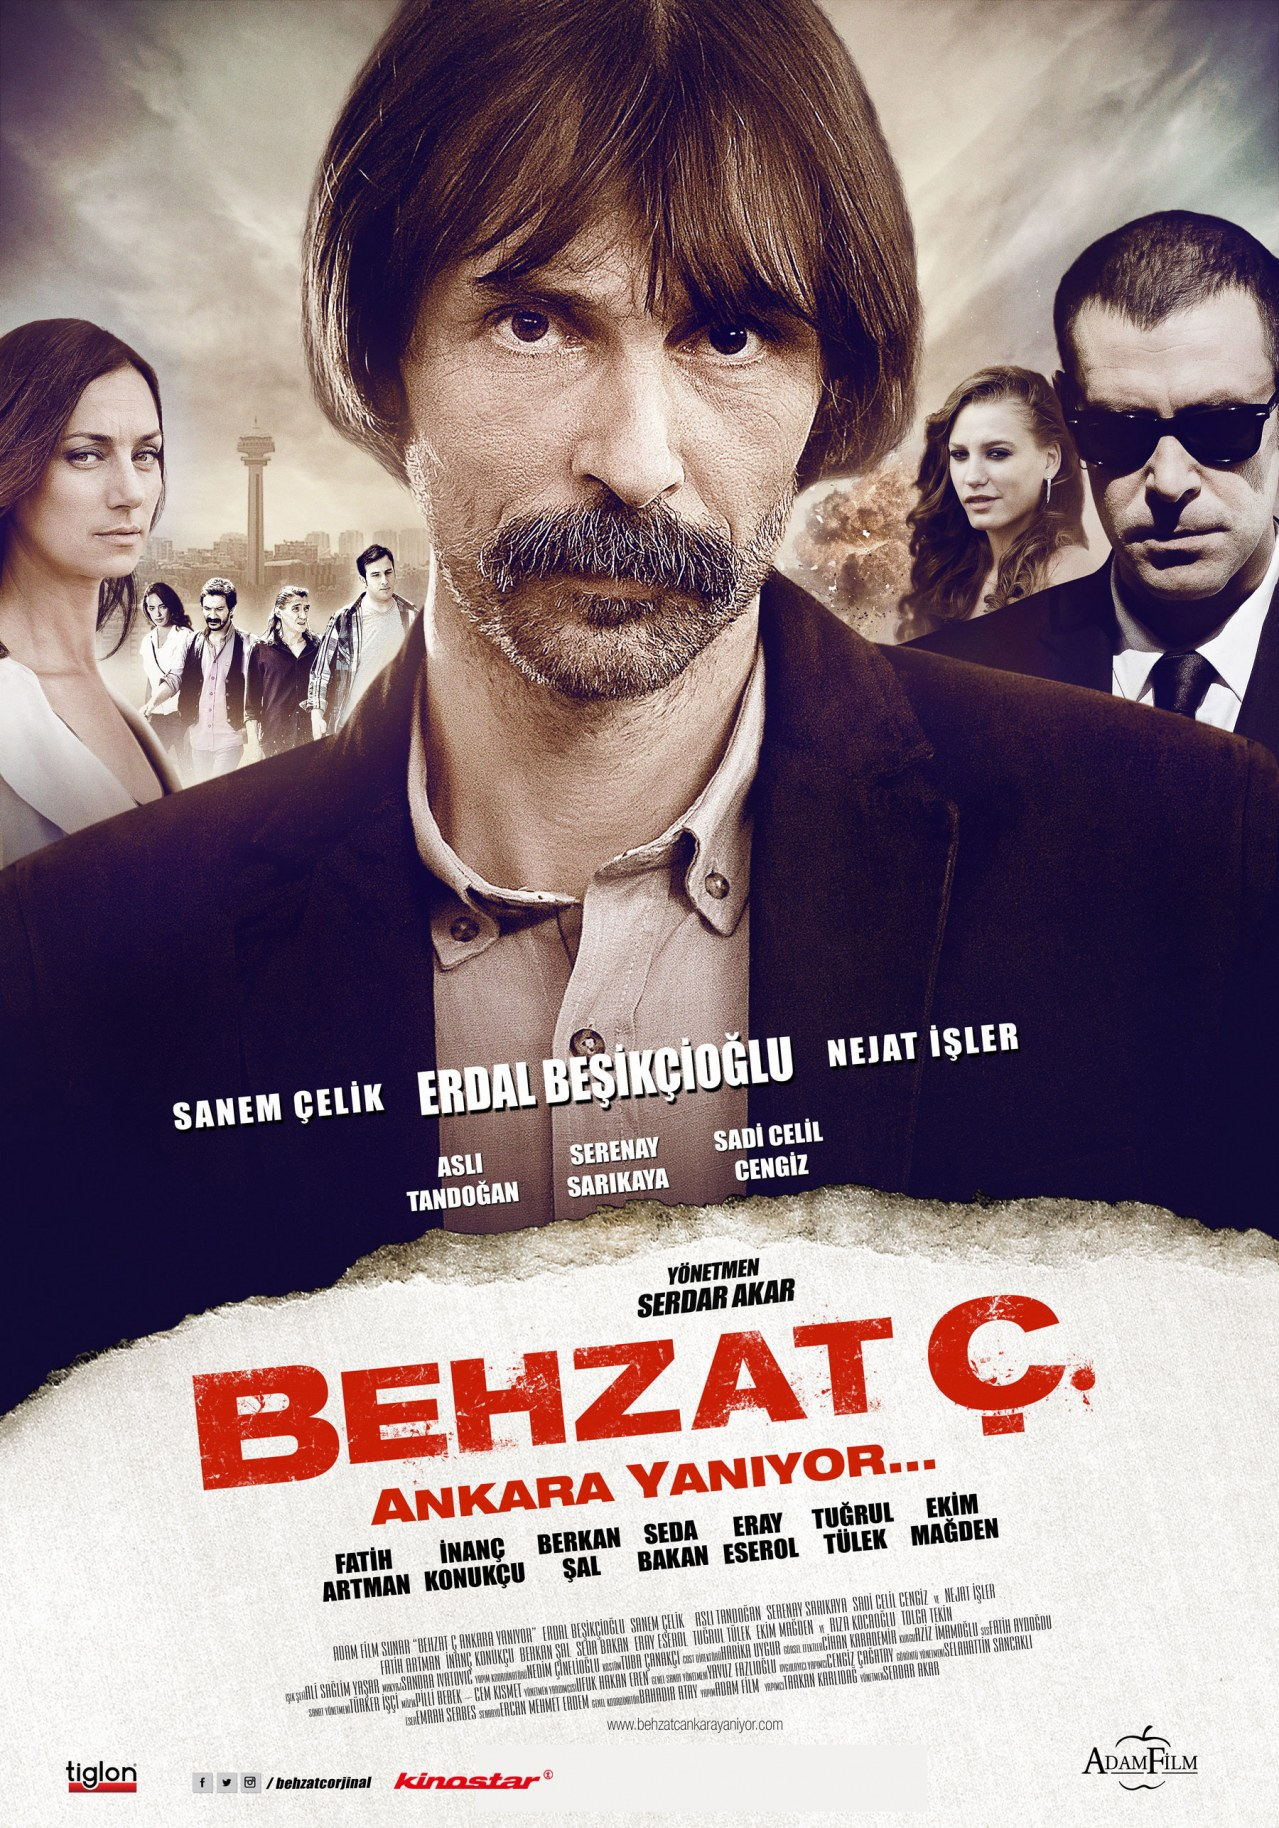 Behzat C. Ankara Yaniyor - Bild 4